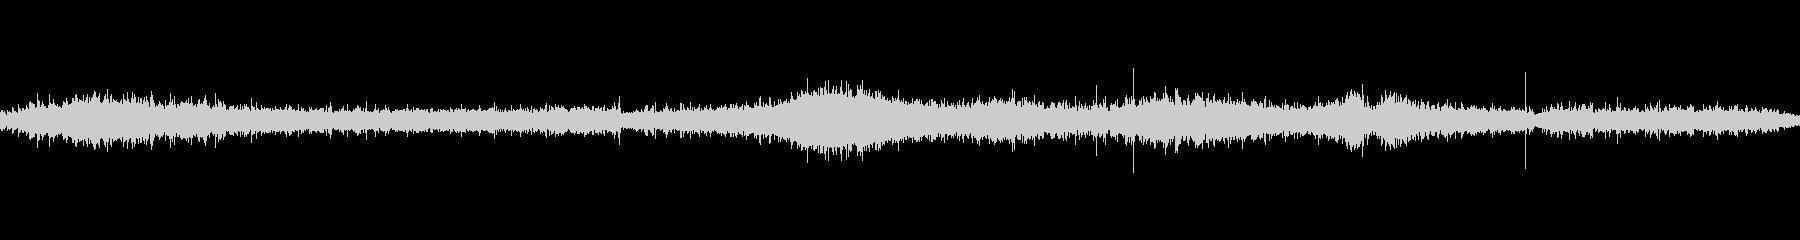 海のループ音ですの未再生の波形